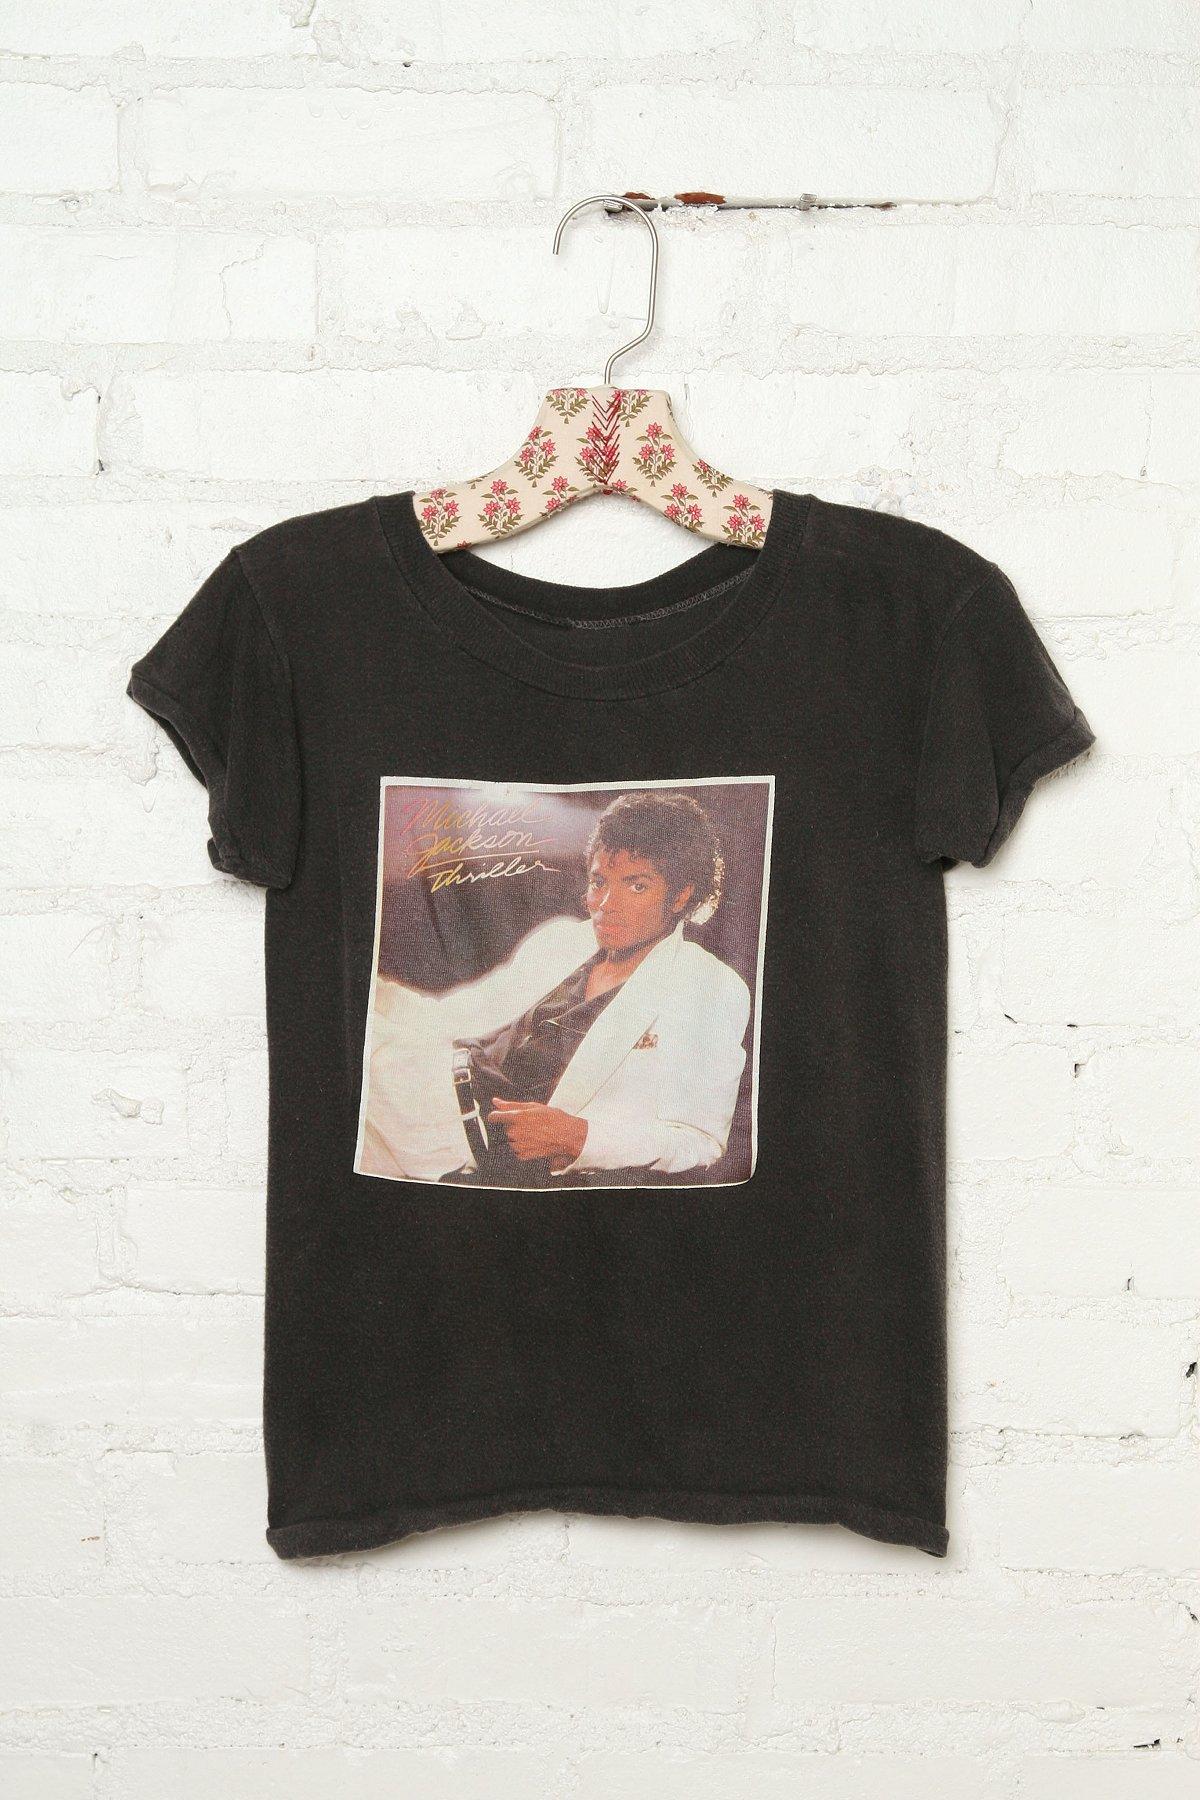 Vintage Michael Jackson Thriller Tee